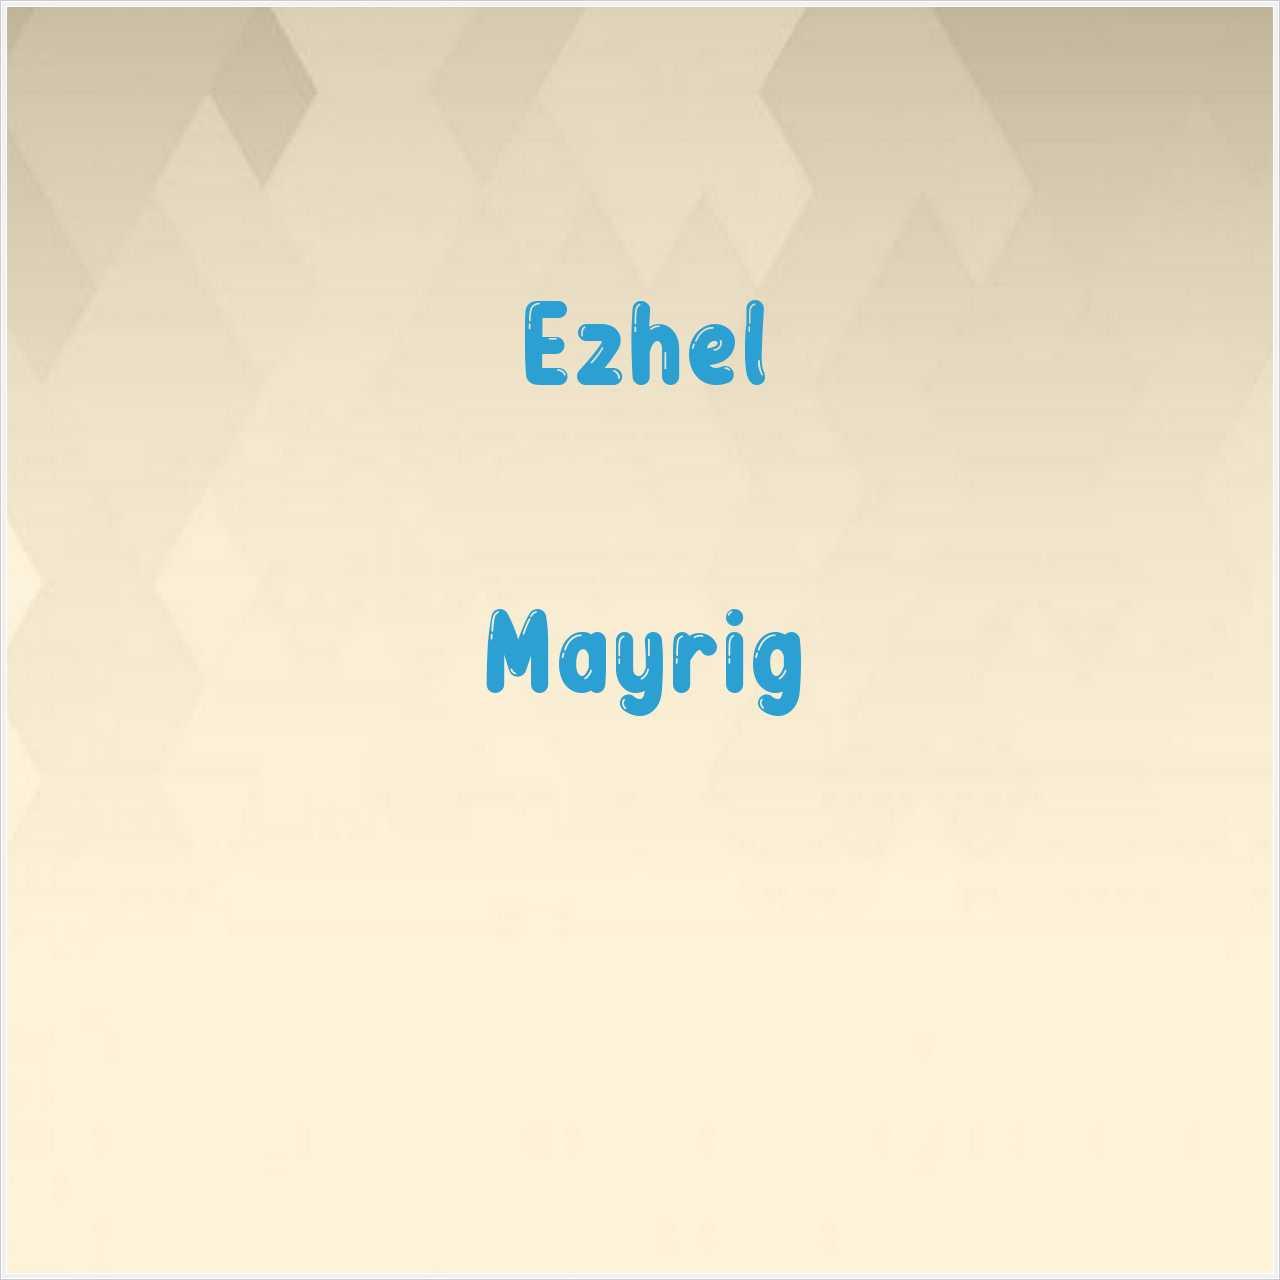 دانلود آهنگ جدید Ezhel به نام Mayrig